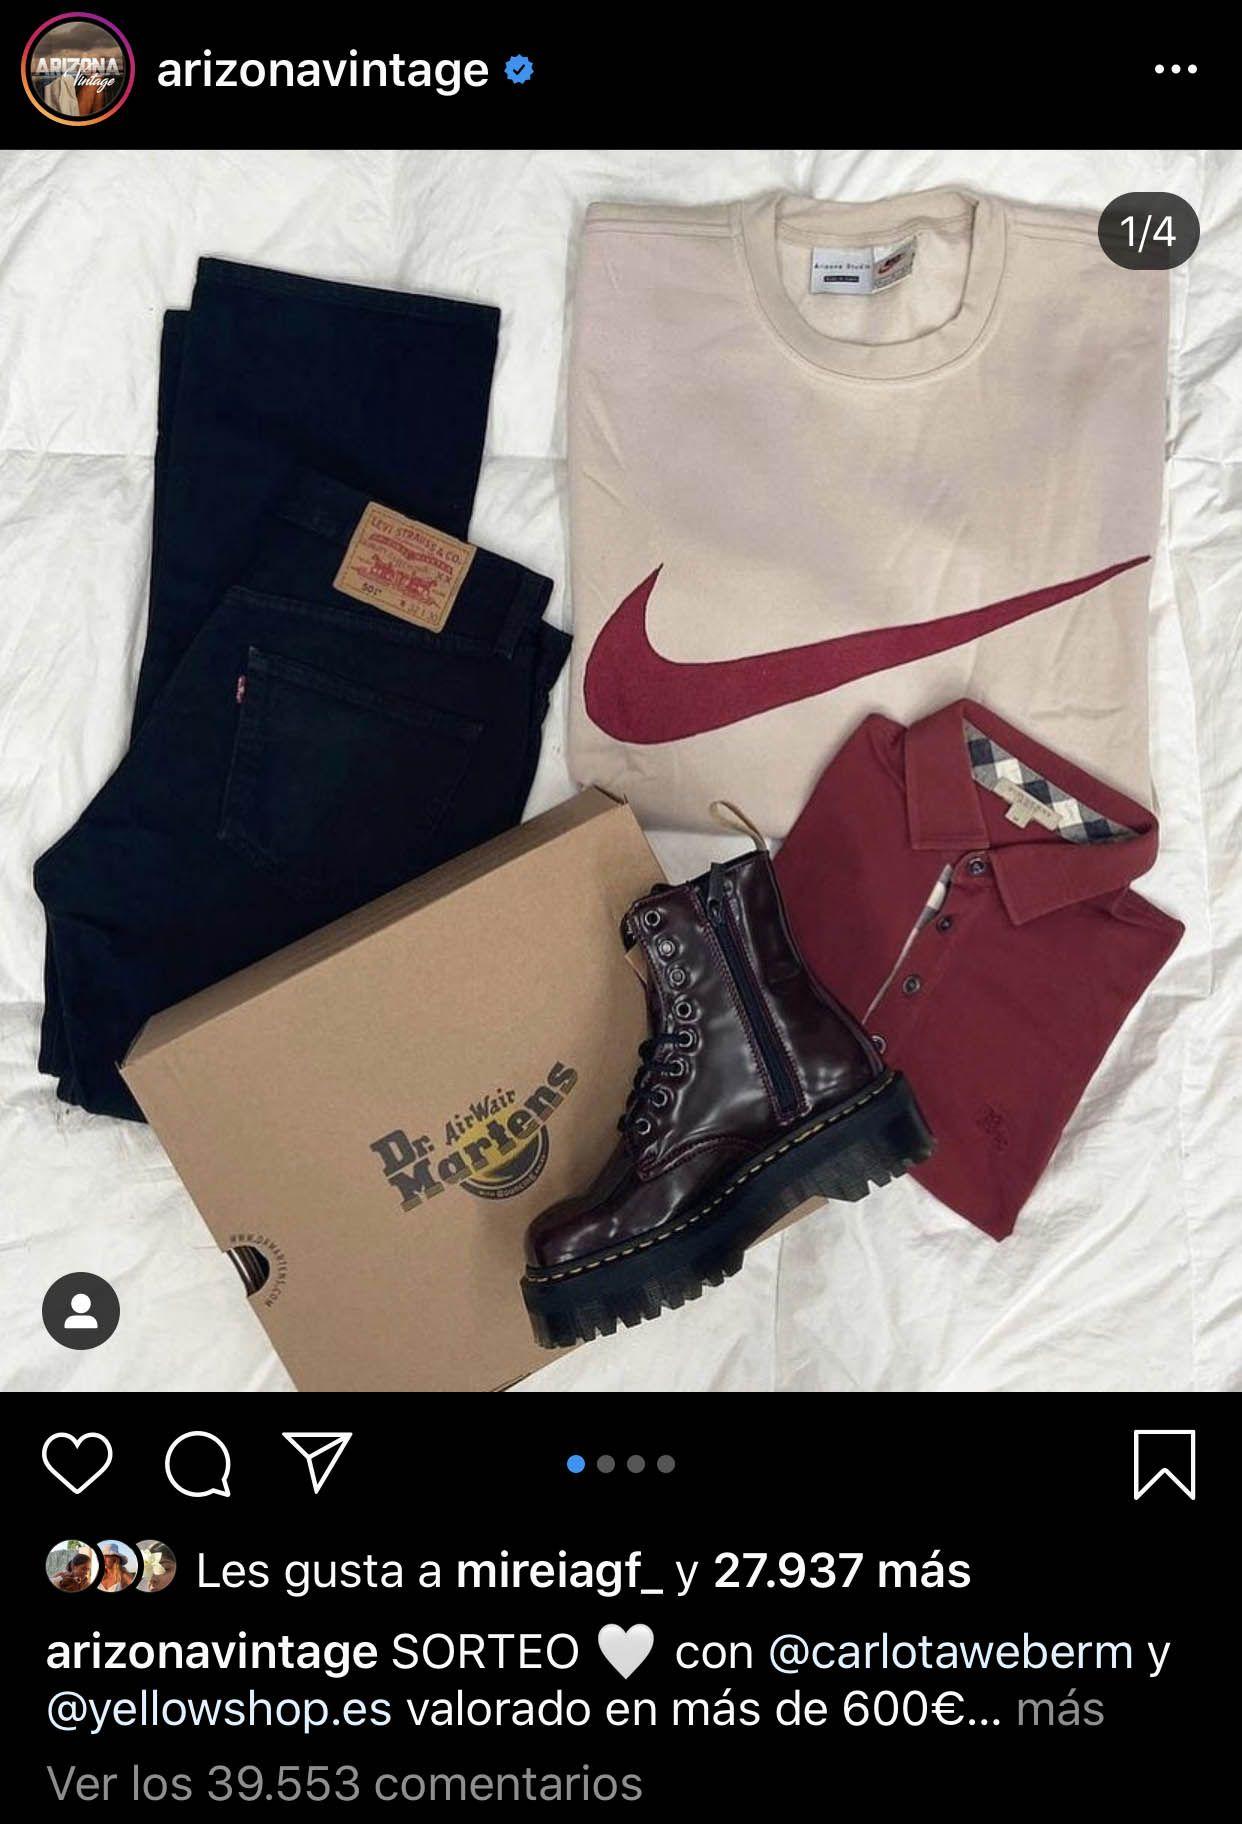 ejemplo sorteo en instagram arizona vintage